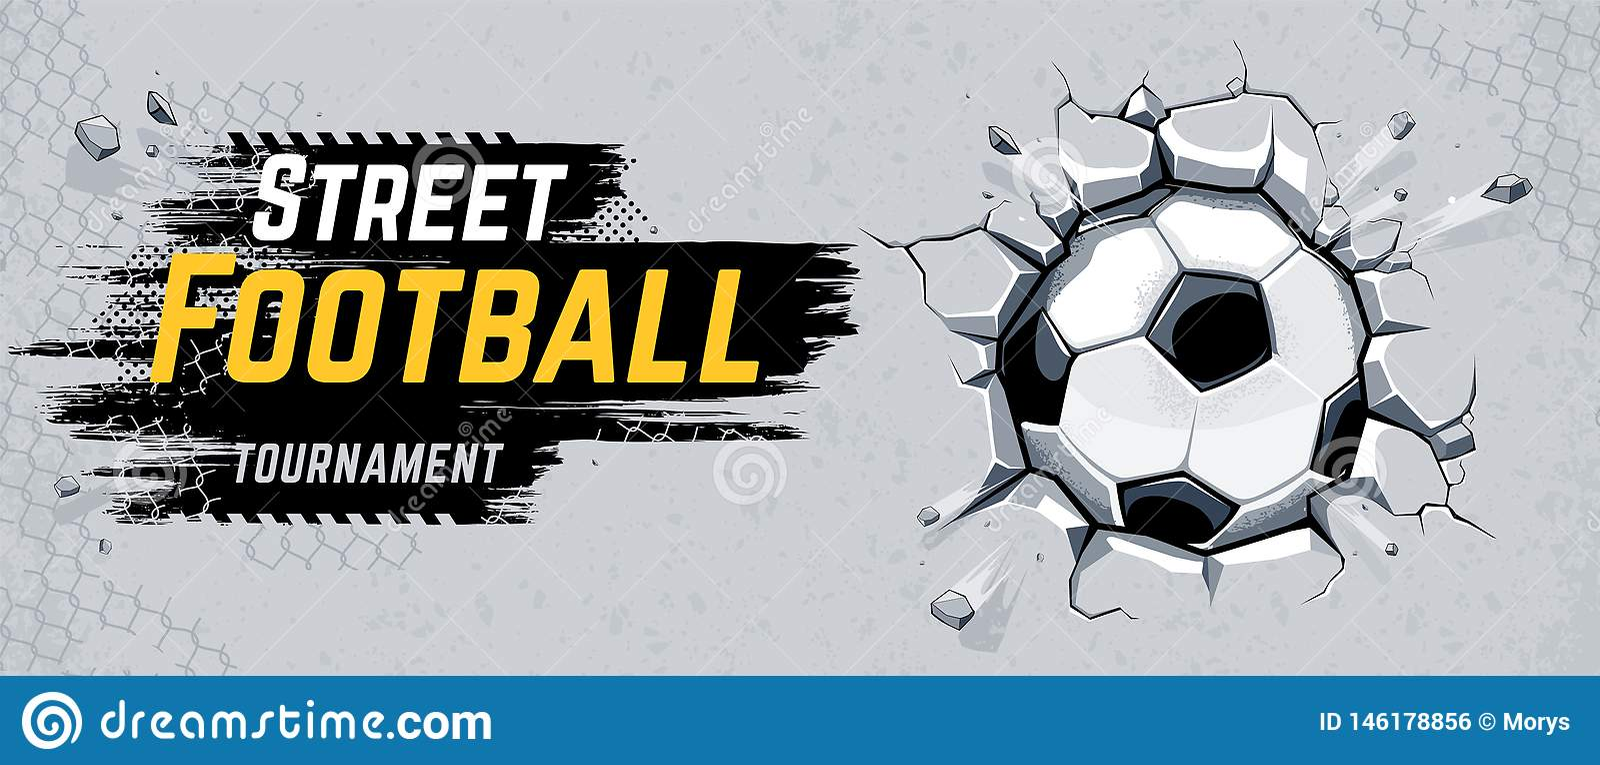 Ejemplo del vector del diseño del fútbol de la calle